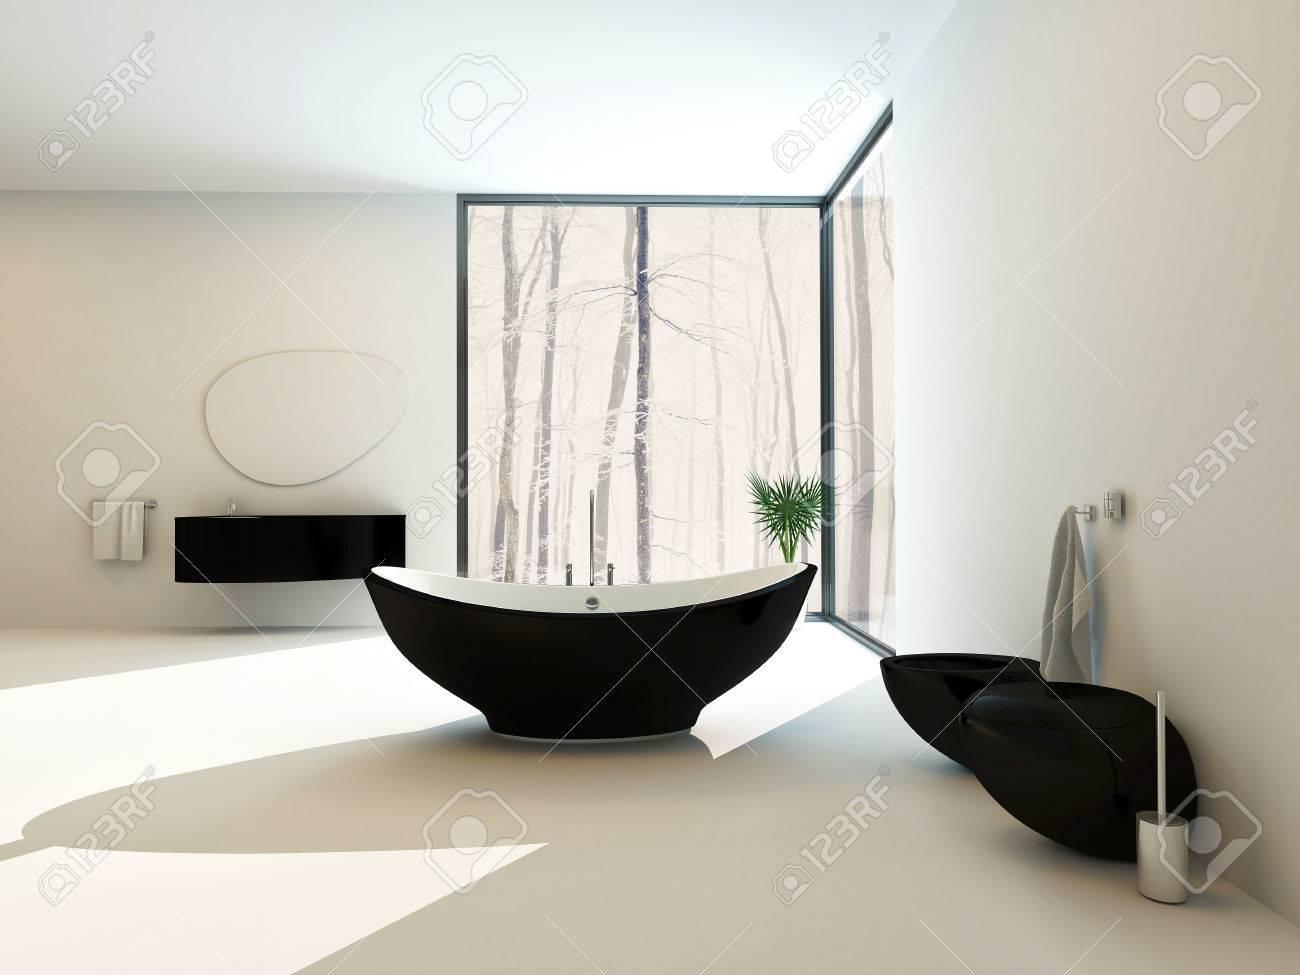 Contemporain Suite Salle De Bain Noir Avec Une Forme De Bateau